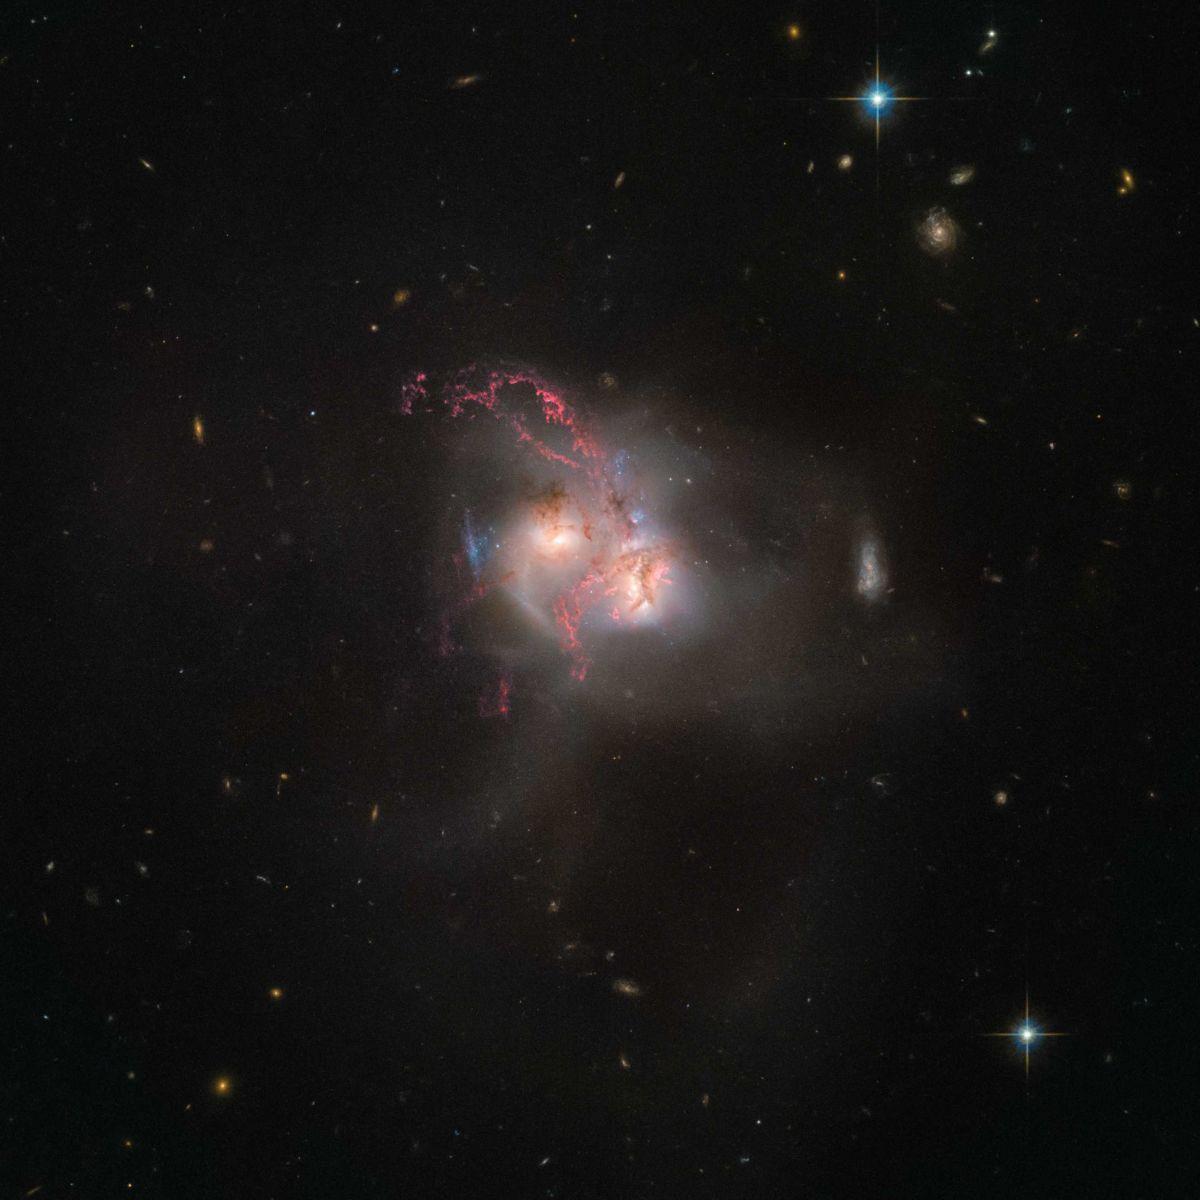 Телескоп Hubble сделал фотографии 2-х галактик, которые сливаются водну